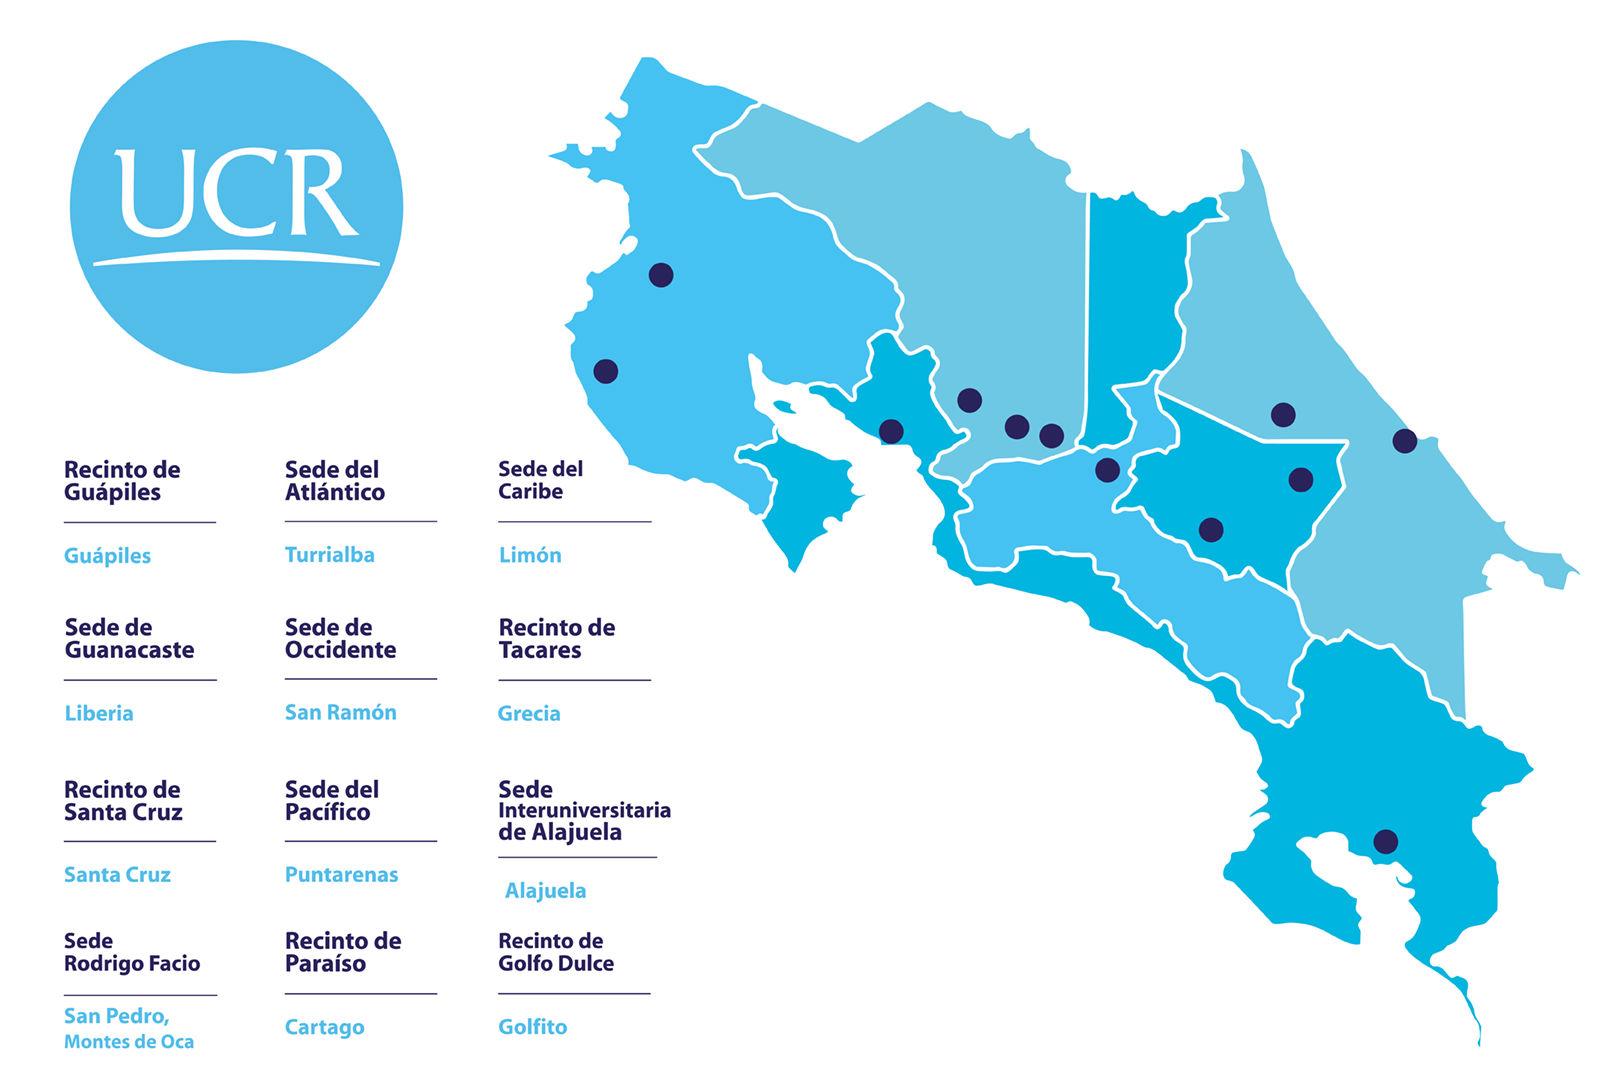 UCR Sedes regionales trazan nuevas rutas para la regionalizacion universitaria4